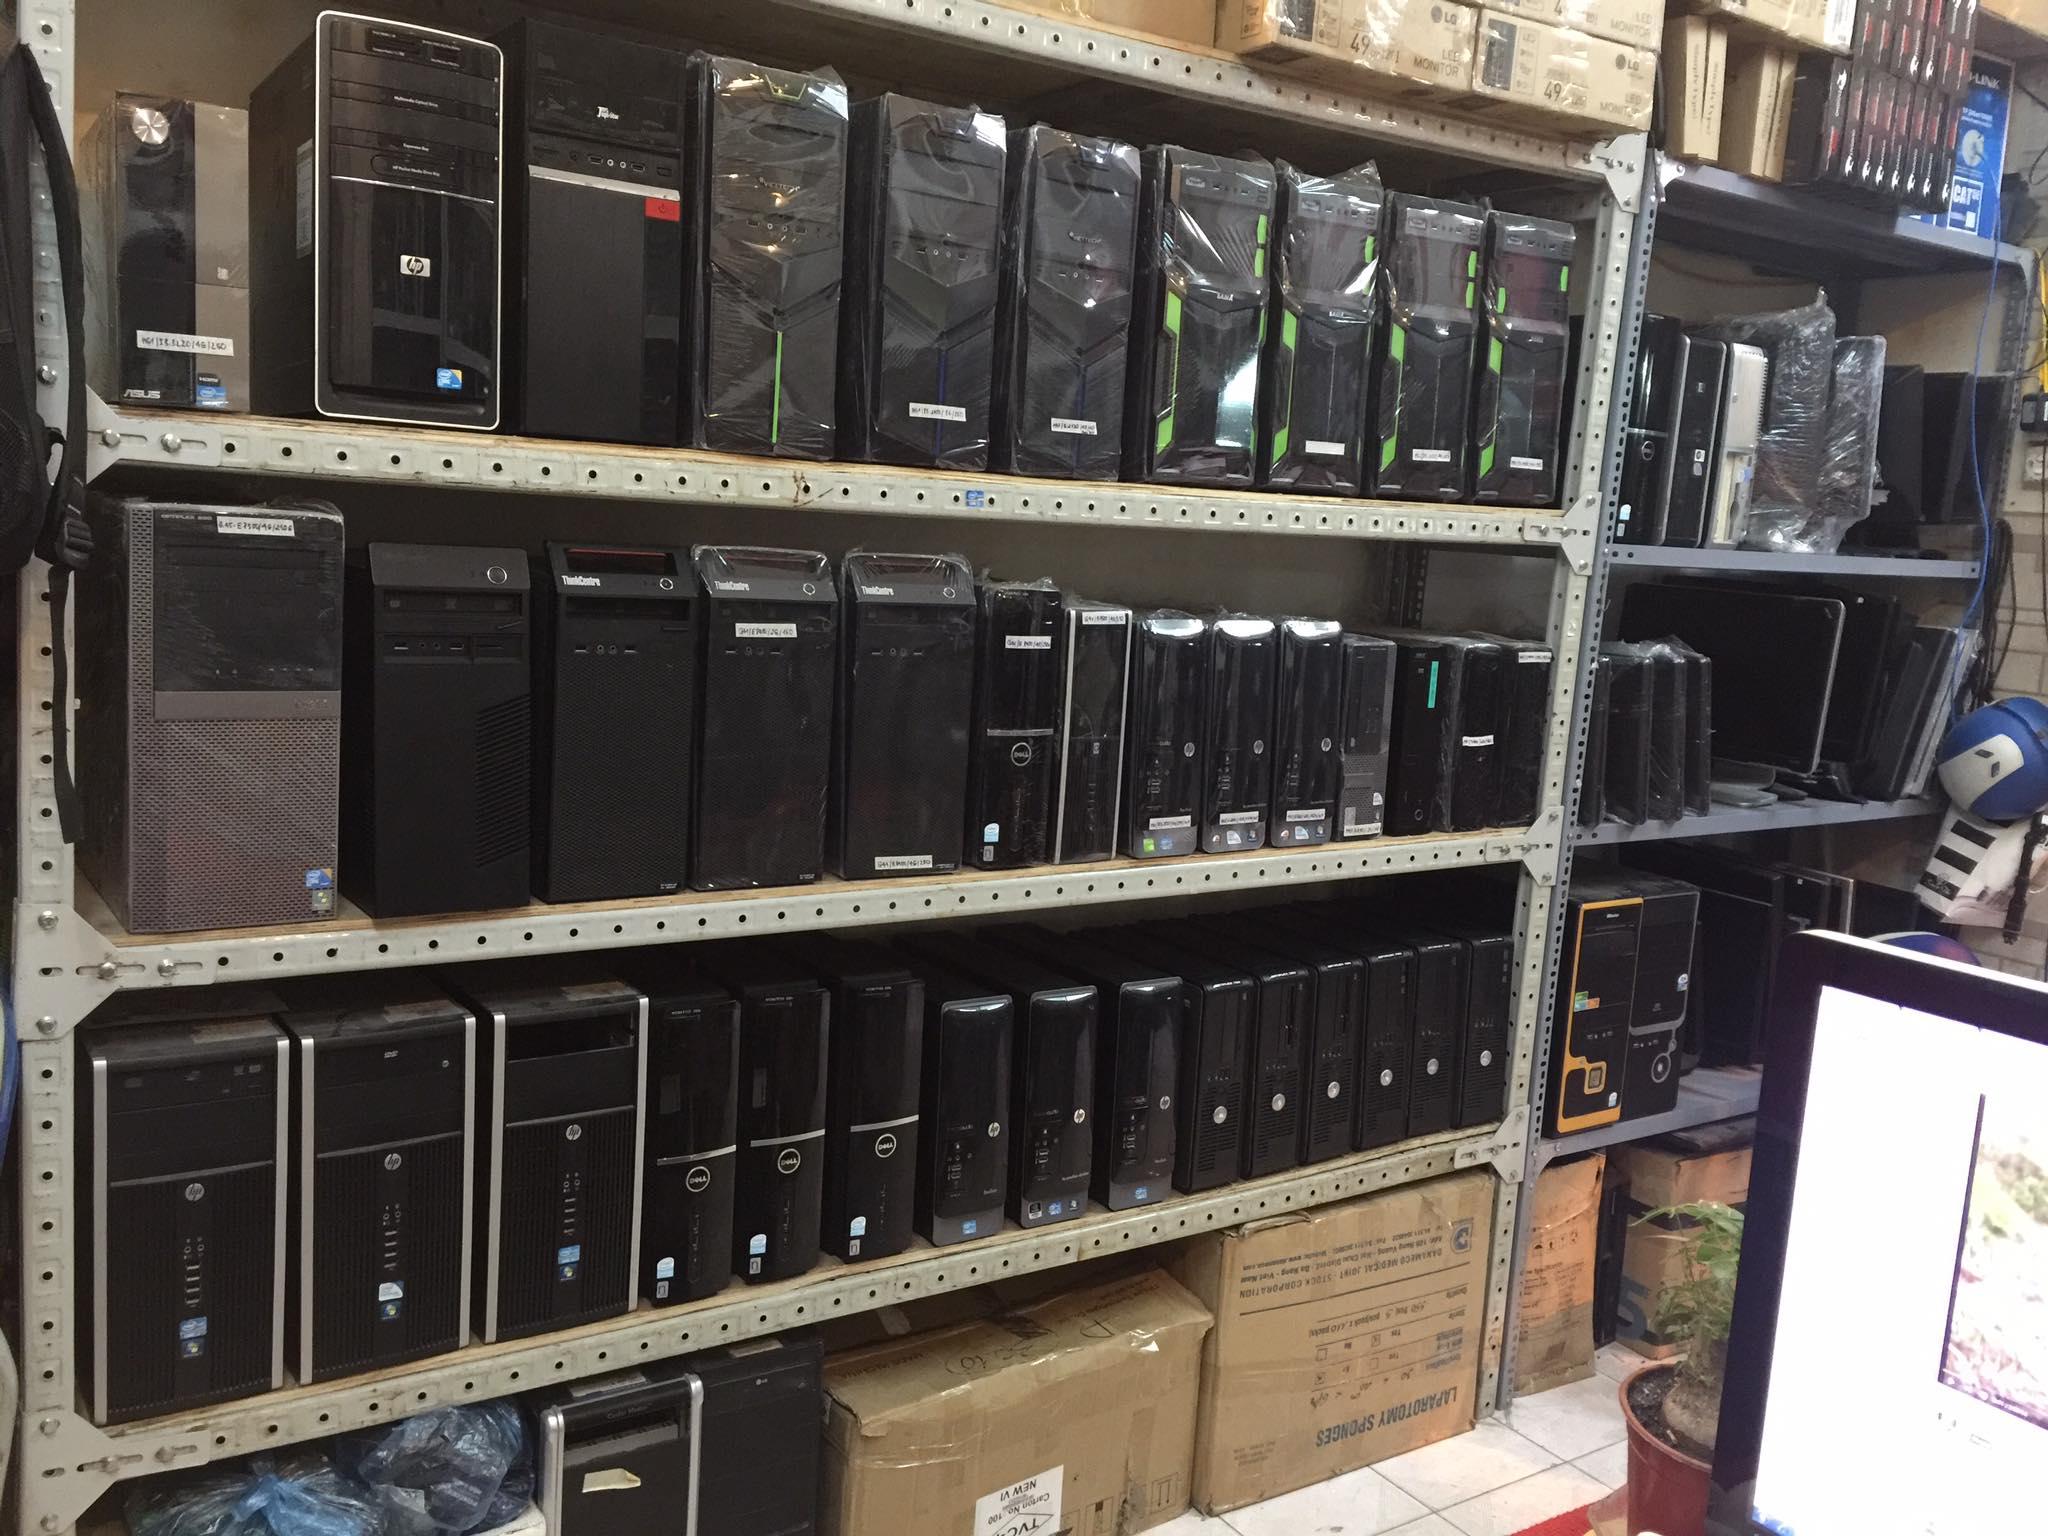 Bán máy tính cũ giá rẻ tại hà nội 0988 592 692 - Máy tính Hoàng Hà